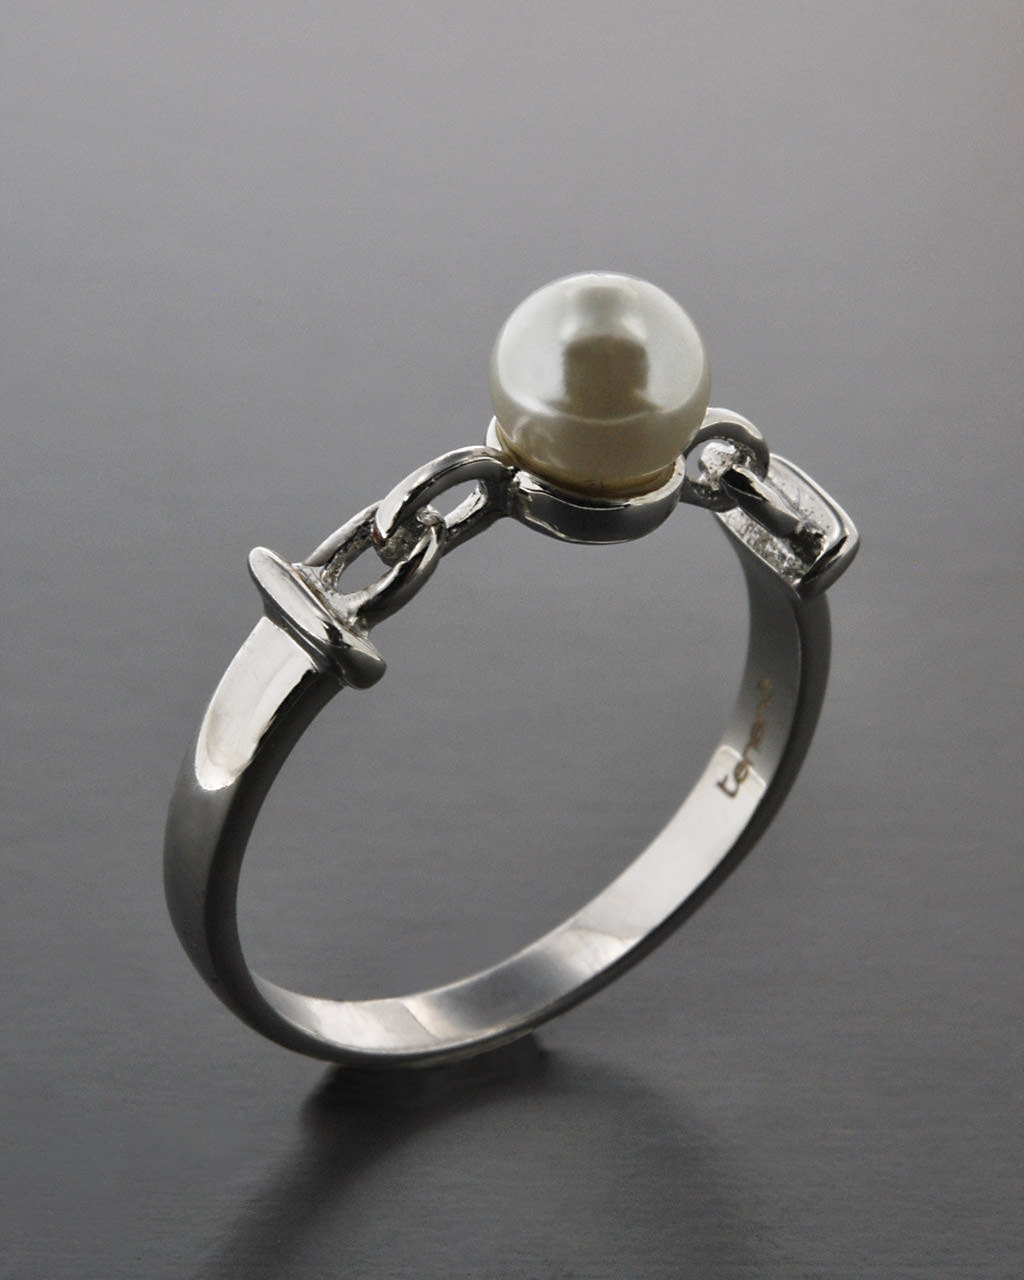 Μονόπετρο δαχτυλίδι ασημένιο 925 με Πέρλα   γαμοσ μονόπετρα μονοπετρα με ζιργκόν